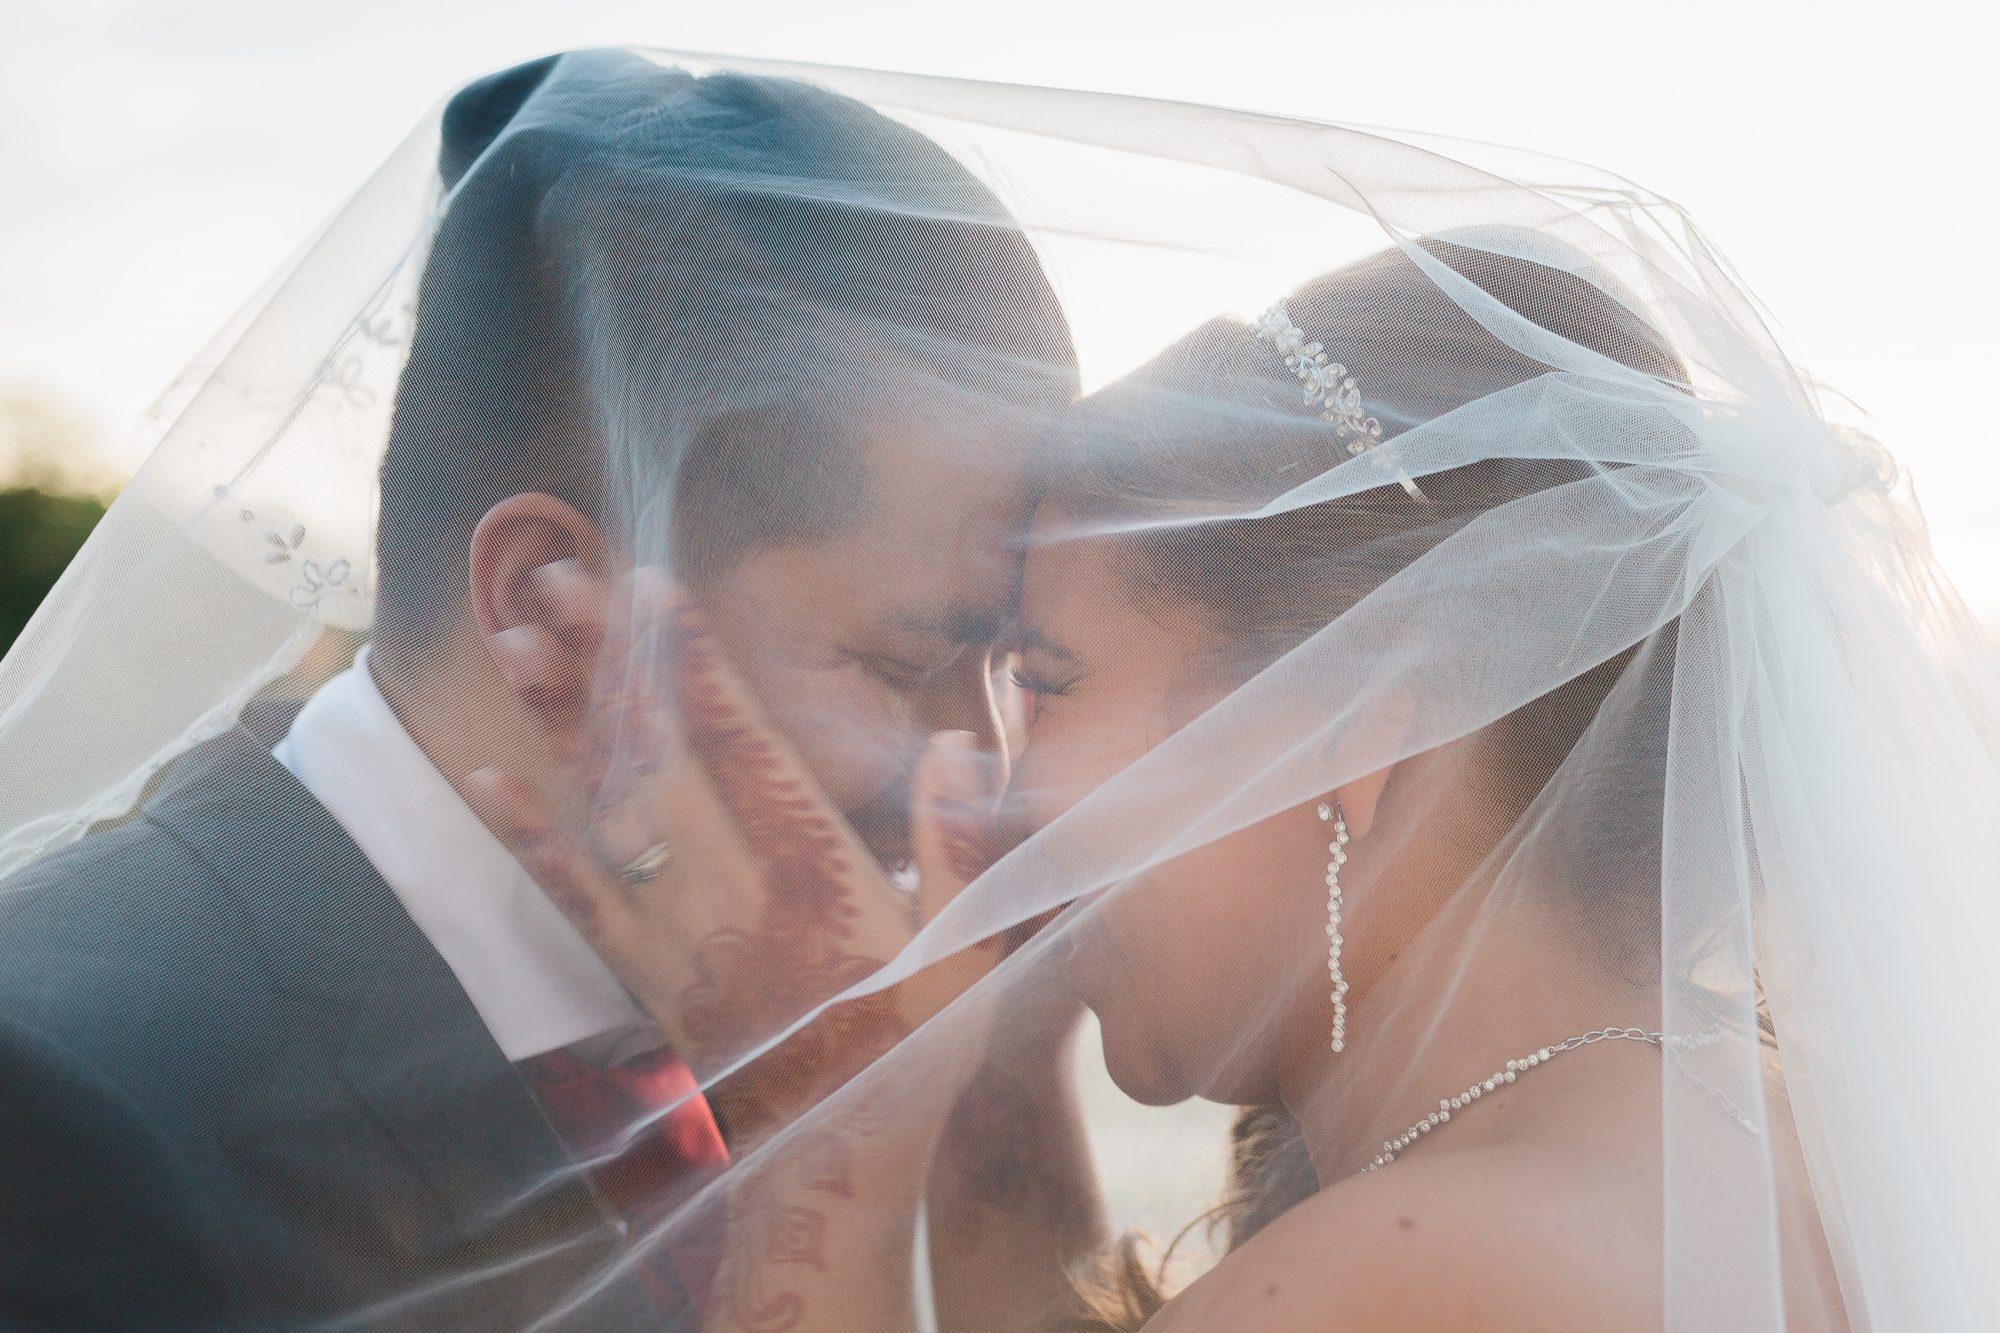 photographe mariage paris wedding photographe couple mixte asiatique oriental soulbliss